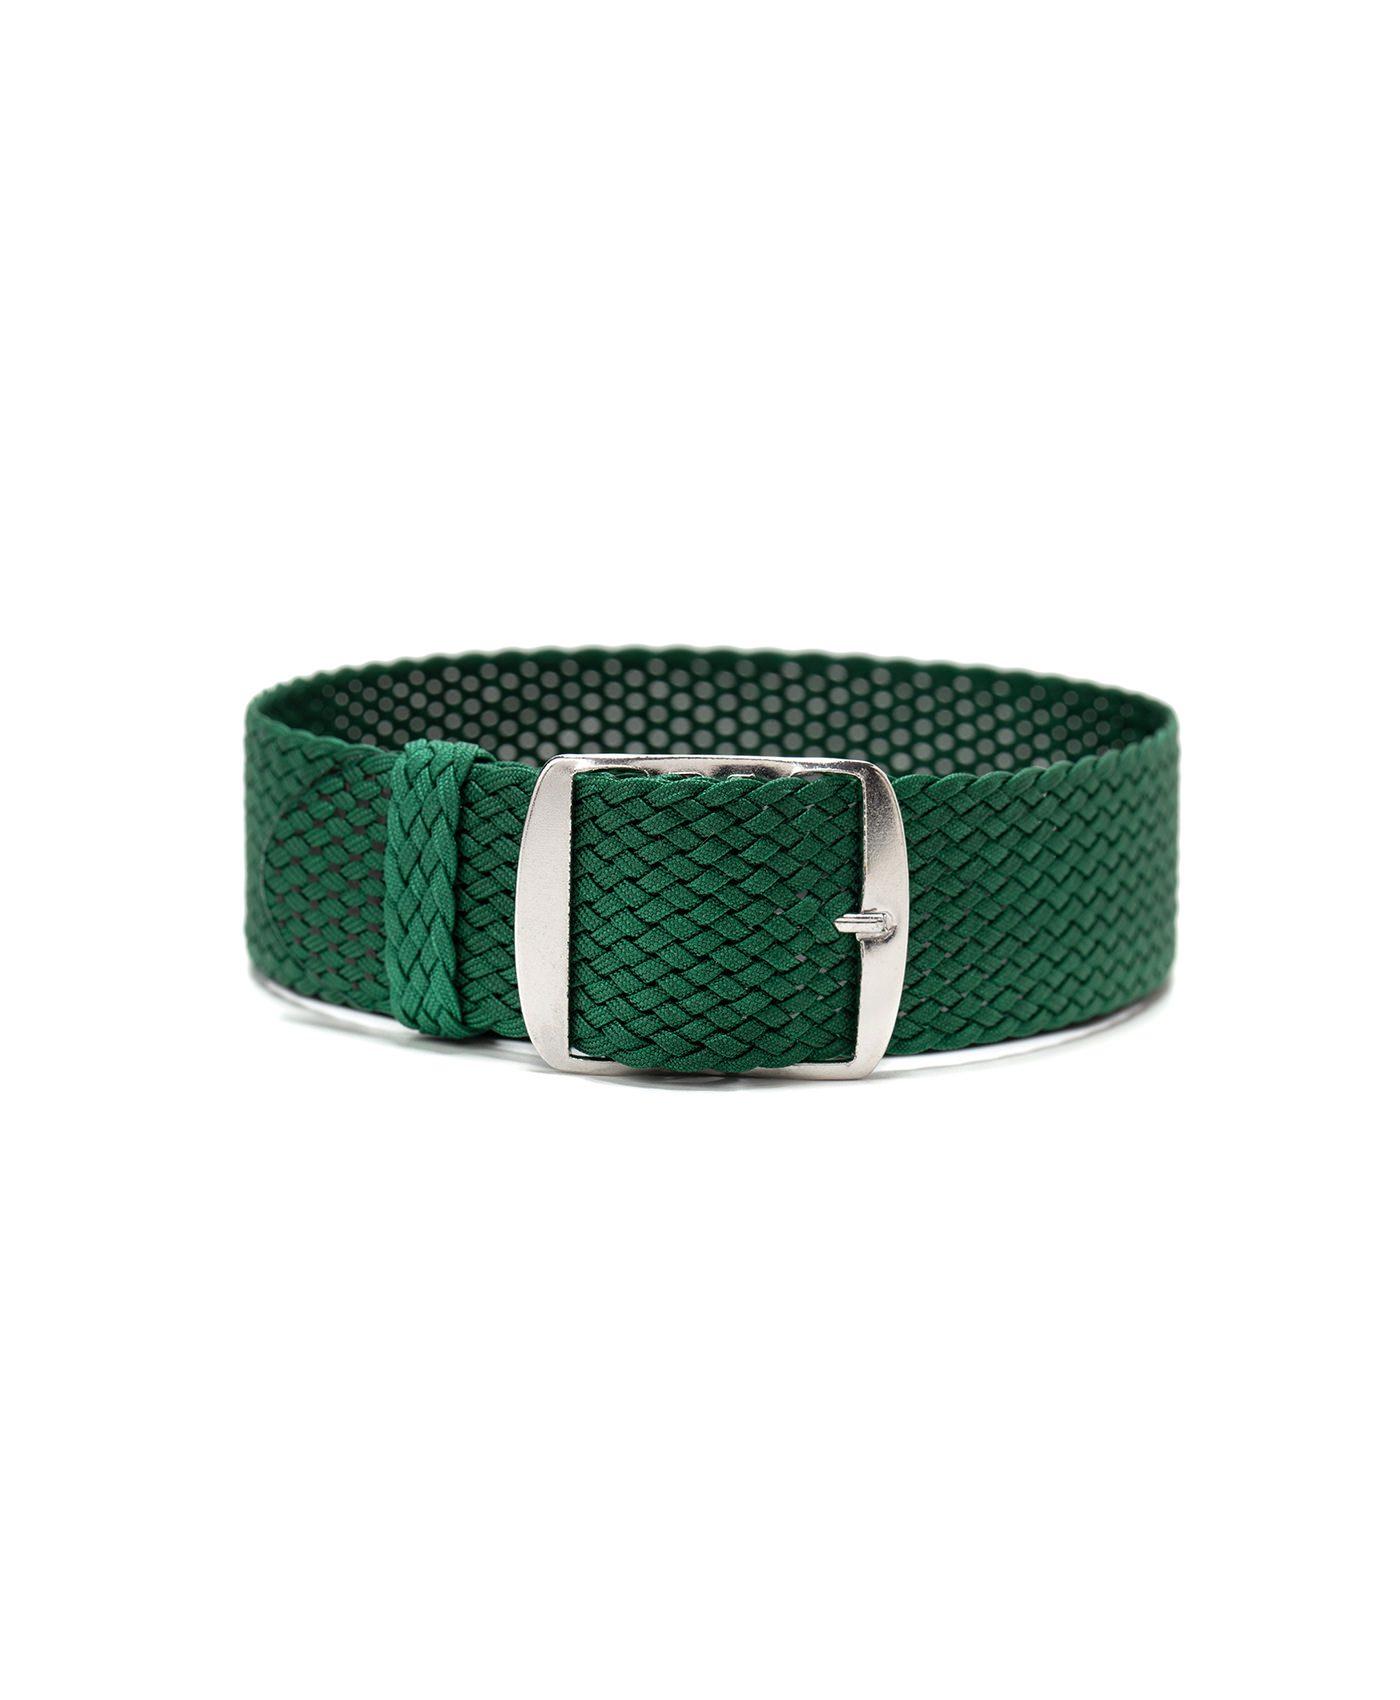 perlon watch strap green